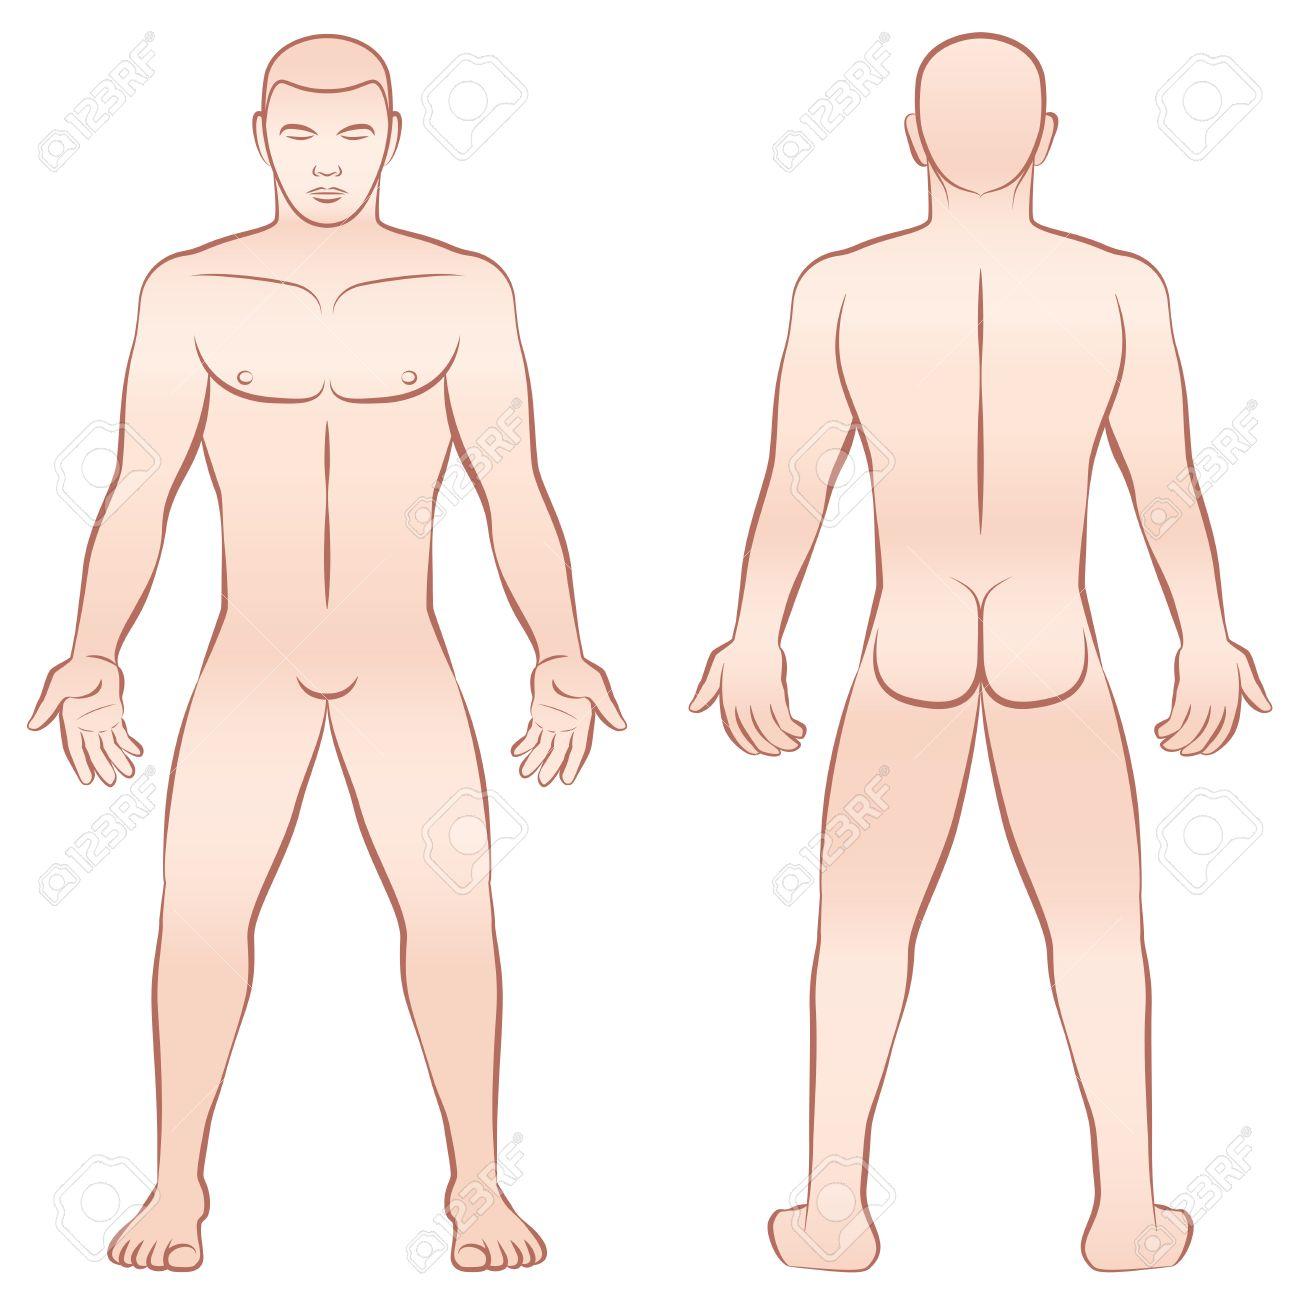 Desnudo Cuerpo Masculino - Vista Frontal En Posición Vertical Y ...